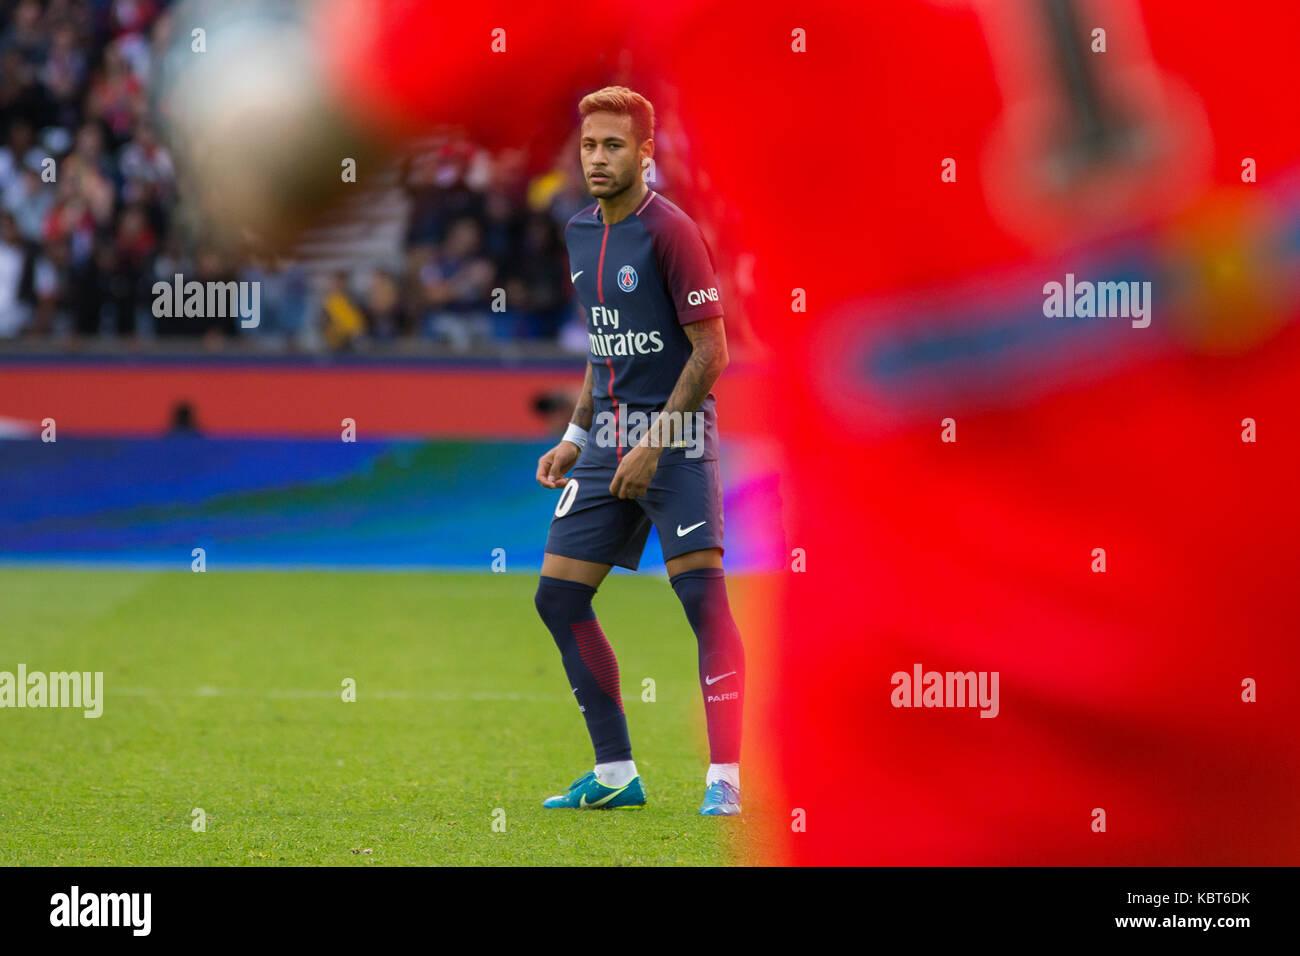 Neymar Jr. during the French Ligue 1 soccer match between Paris Saint Germain (PSG) and Bordeaux at Parc des Princes. The match was won 6-2 by Paris Saint Germain. Stock Photo